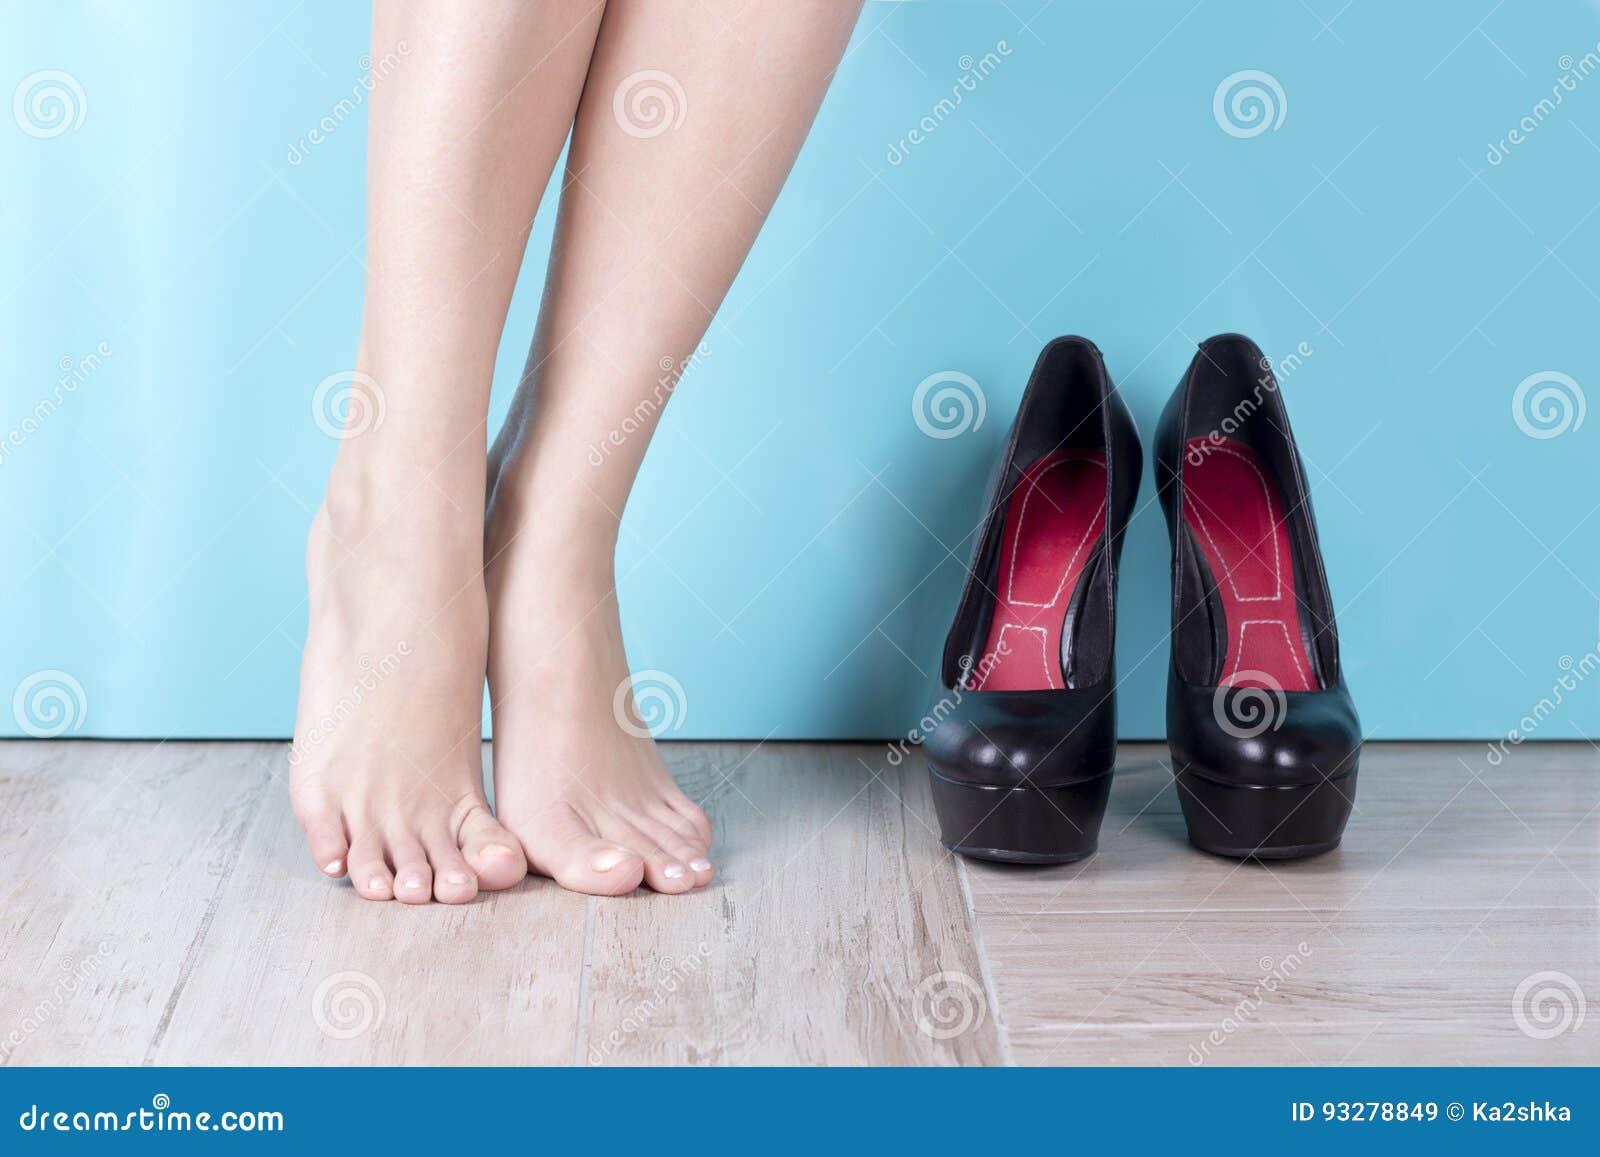 Talon À Chaussures Haut Des S'approchent Nues Jambes De Les Femmes 8HTw5qTZ